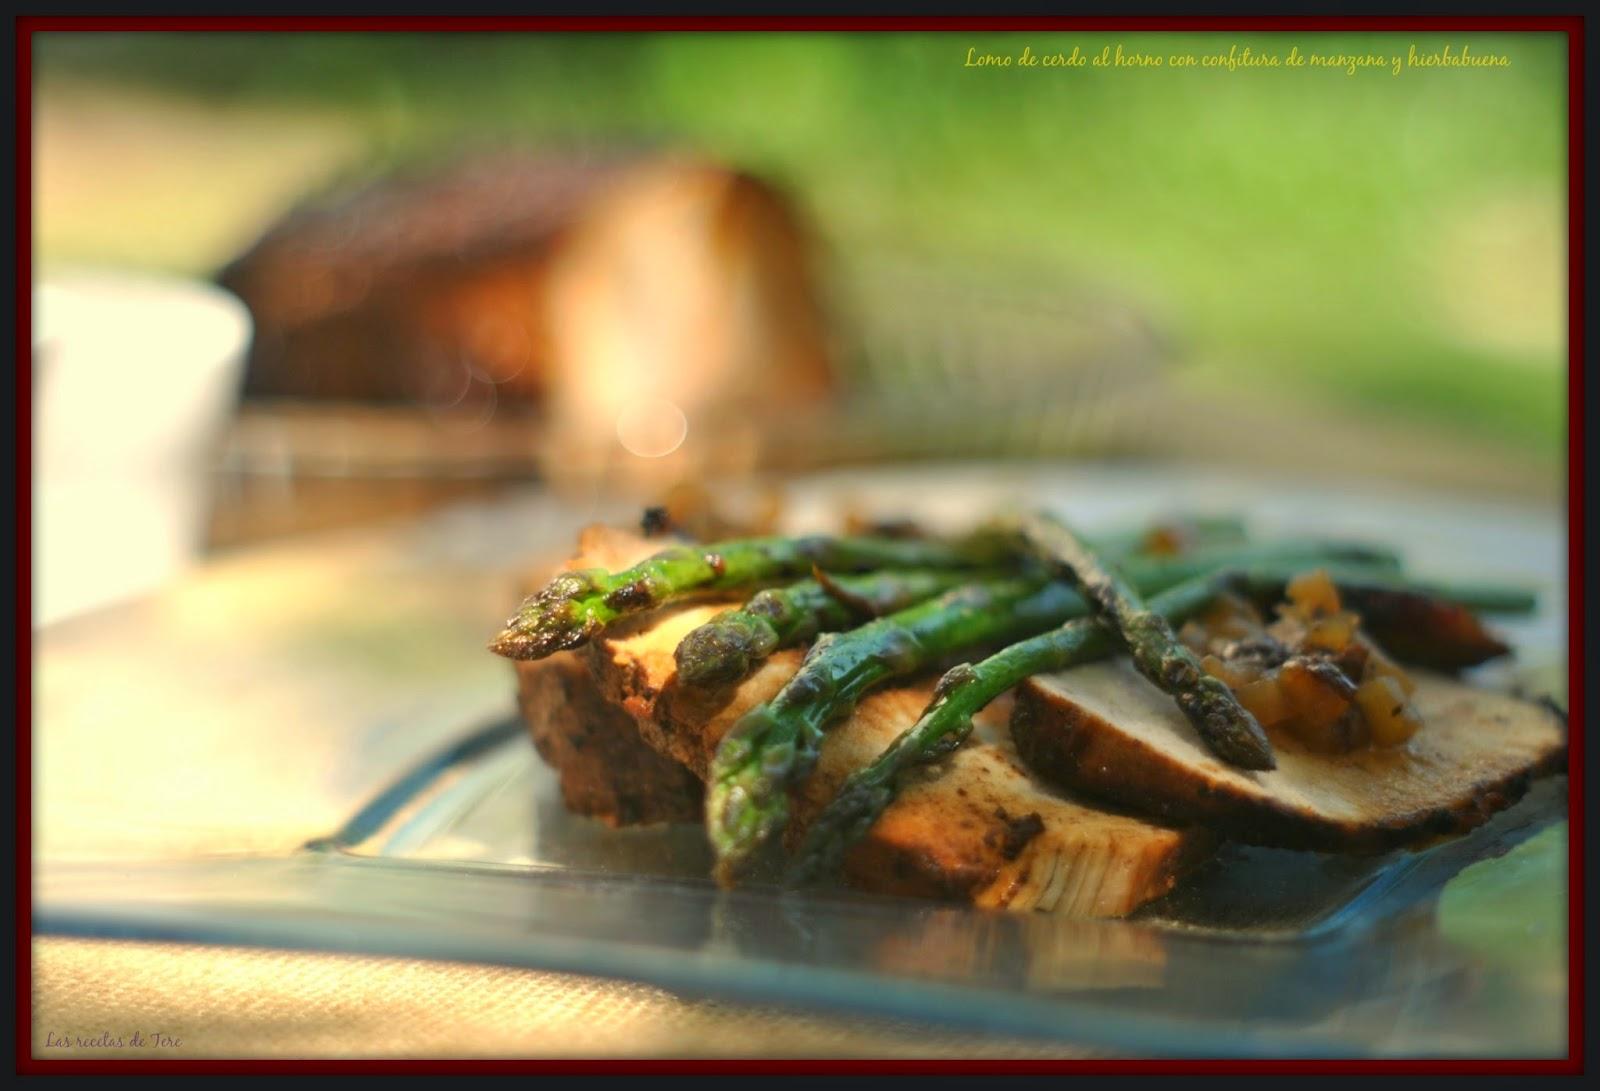 Lomo de cerdo al horno con confitura de manzana y hierbabuena 03